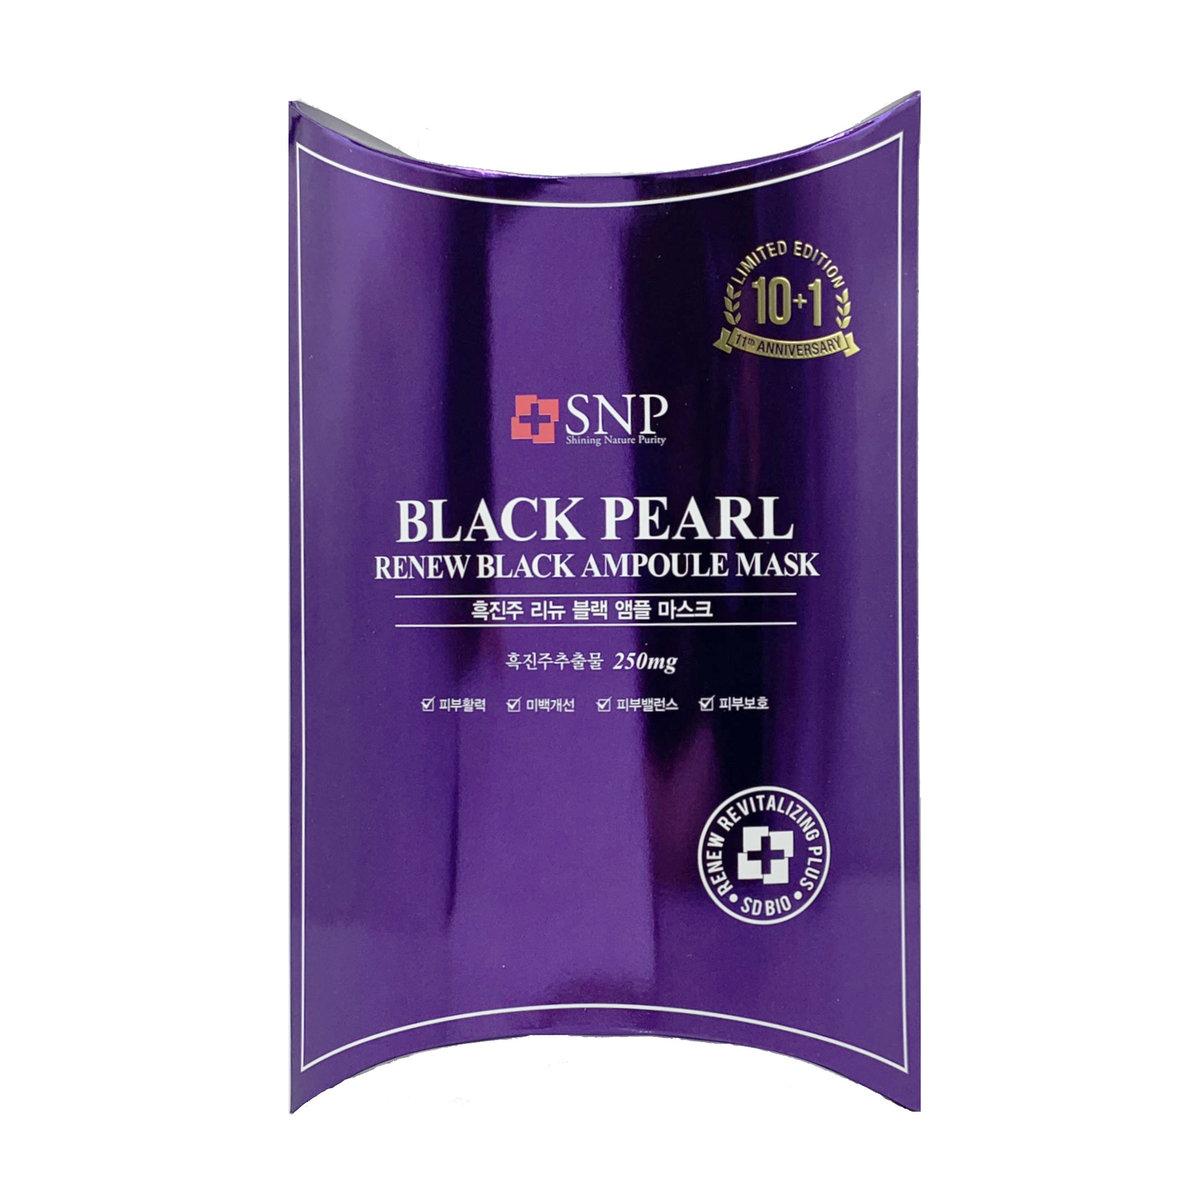 黑珍珠安瓶精華補水美白面膜 10+1片 [平行進口] (8809237828027)